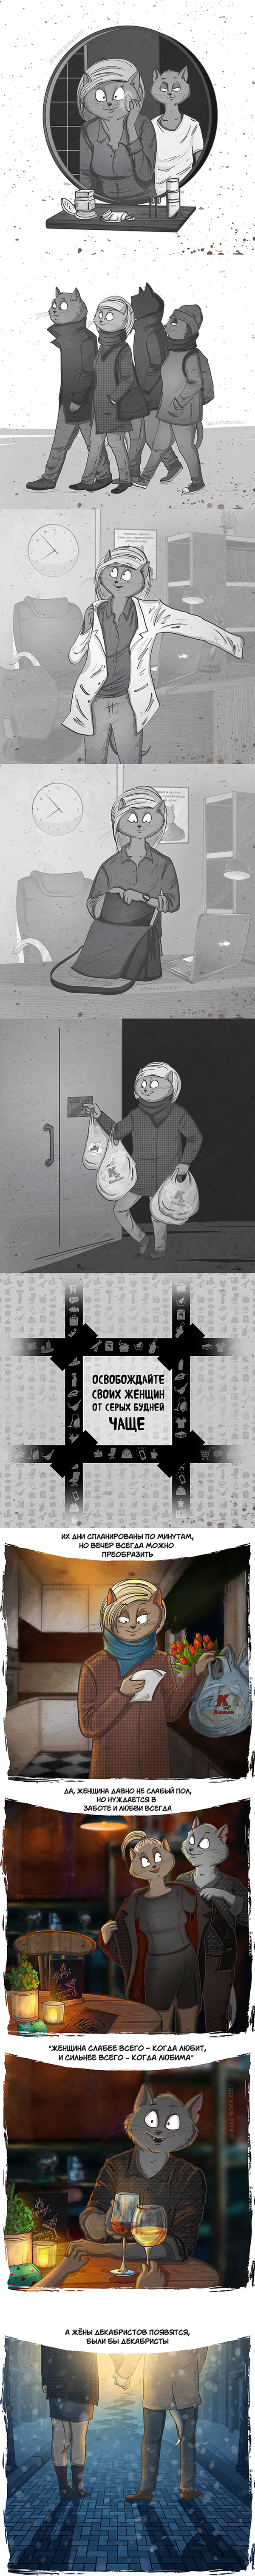 Берегите своих женщин Bird Born, котмиксы, Кот Степан, 8 марта, кот, иллюстрации, длиннопост